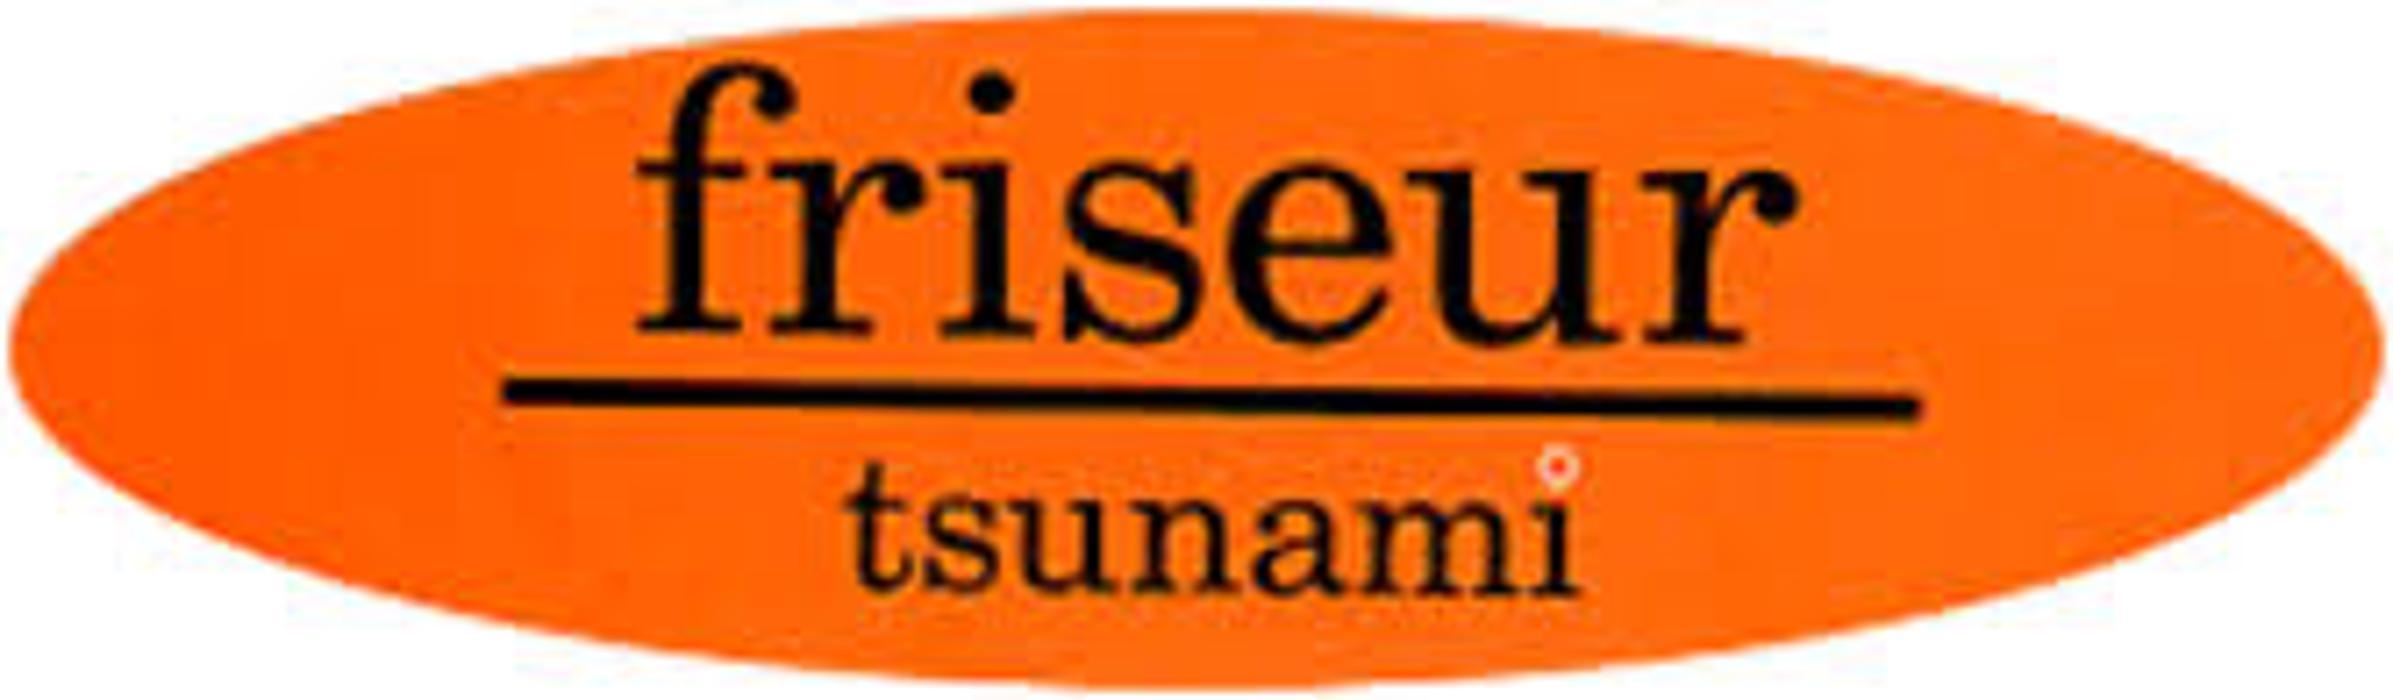 Friseur Tsunami